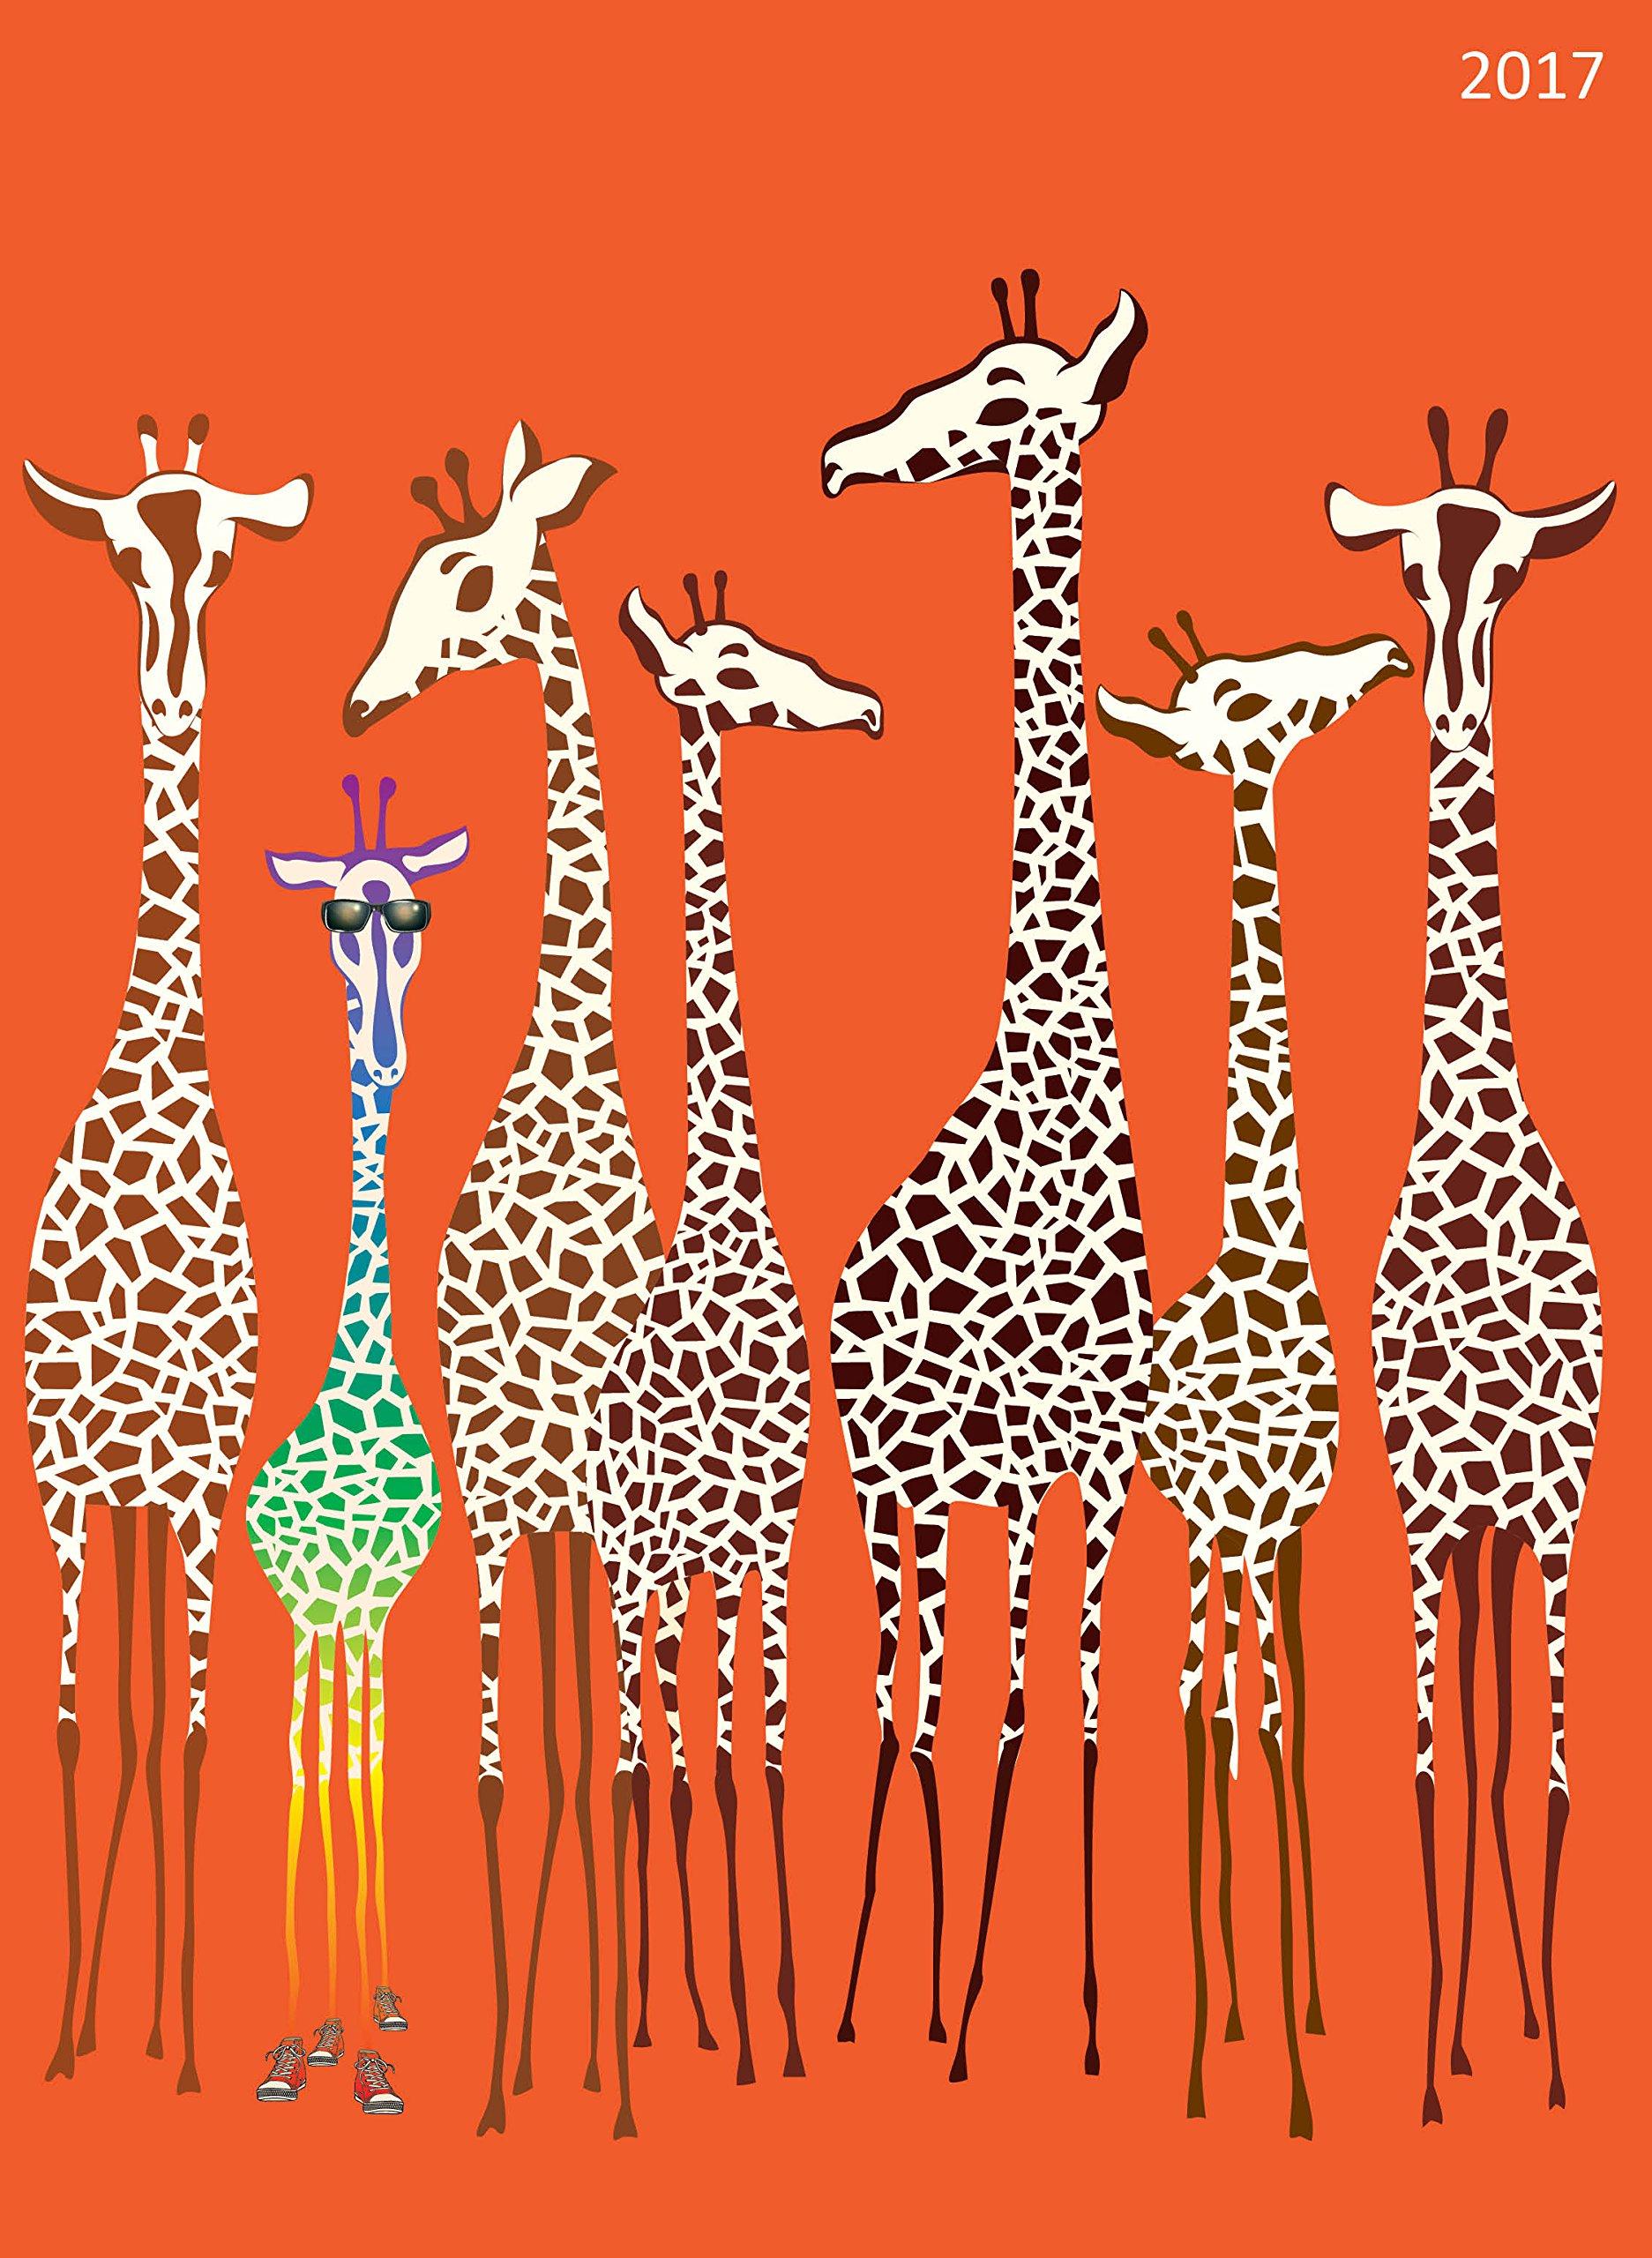 2017 Giraffe 12 Month Simplicity Planner